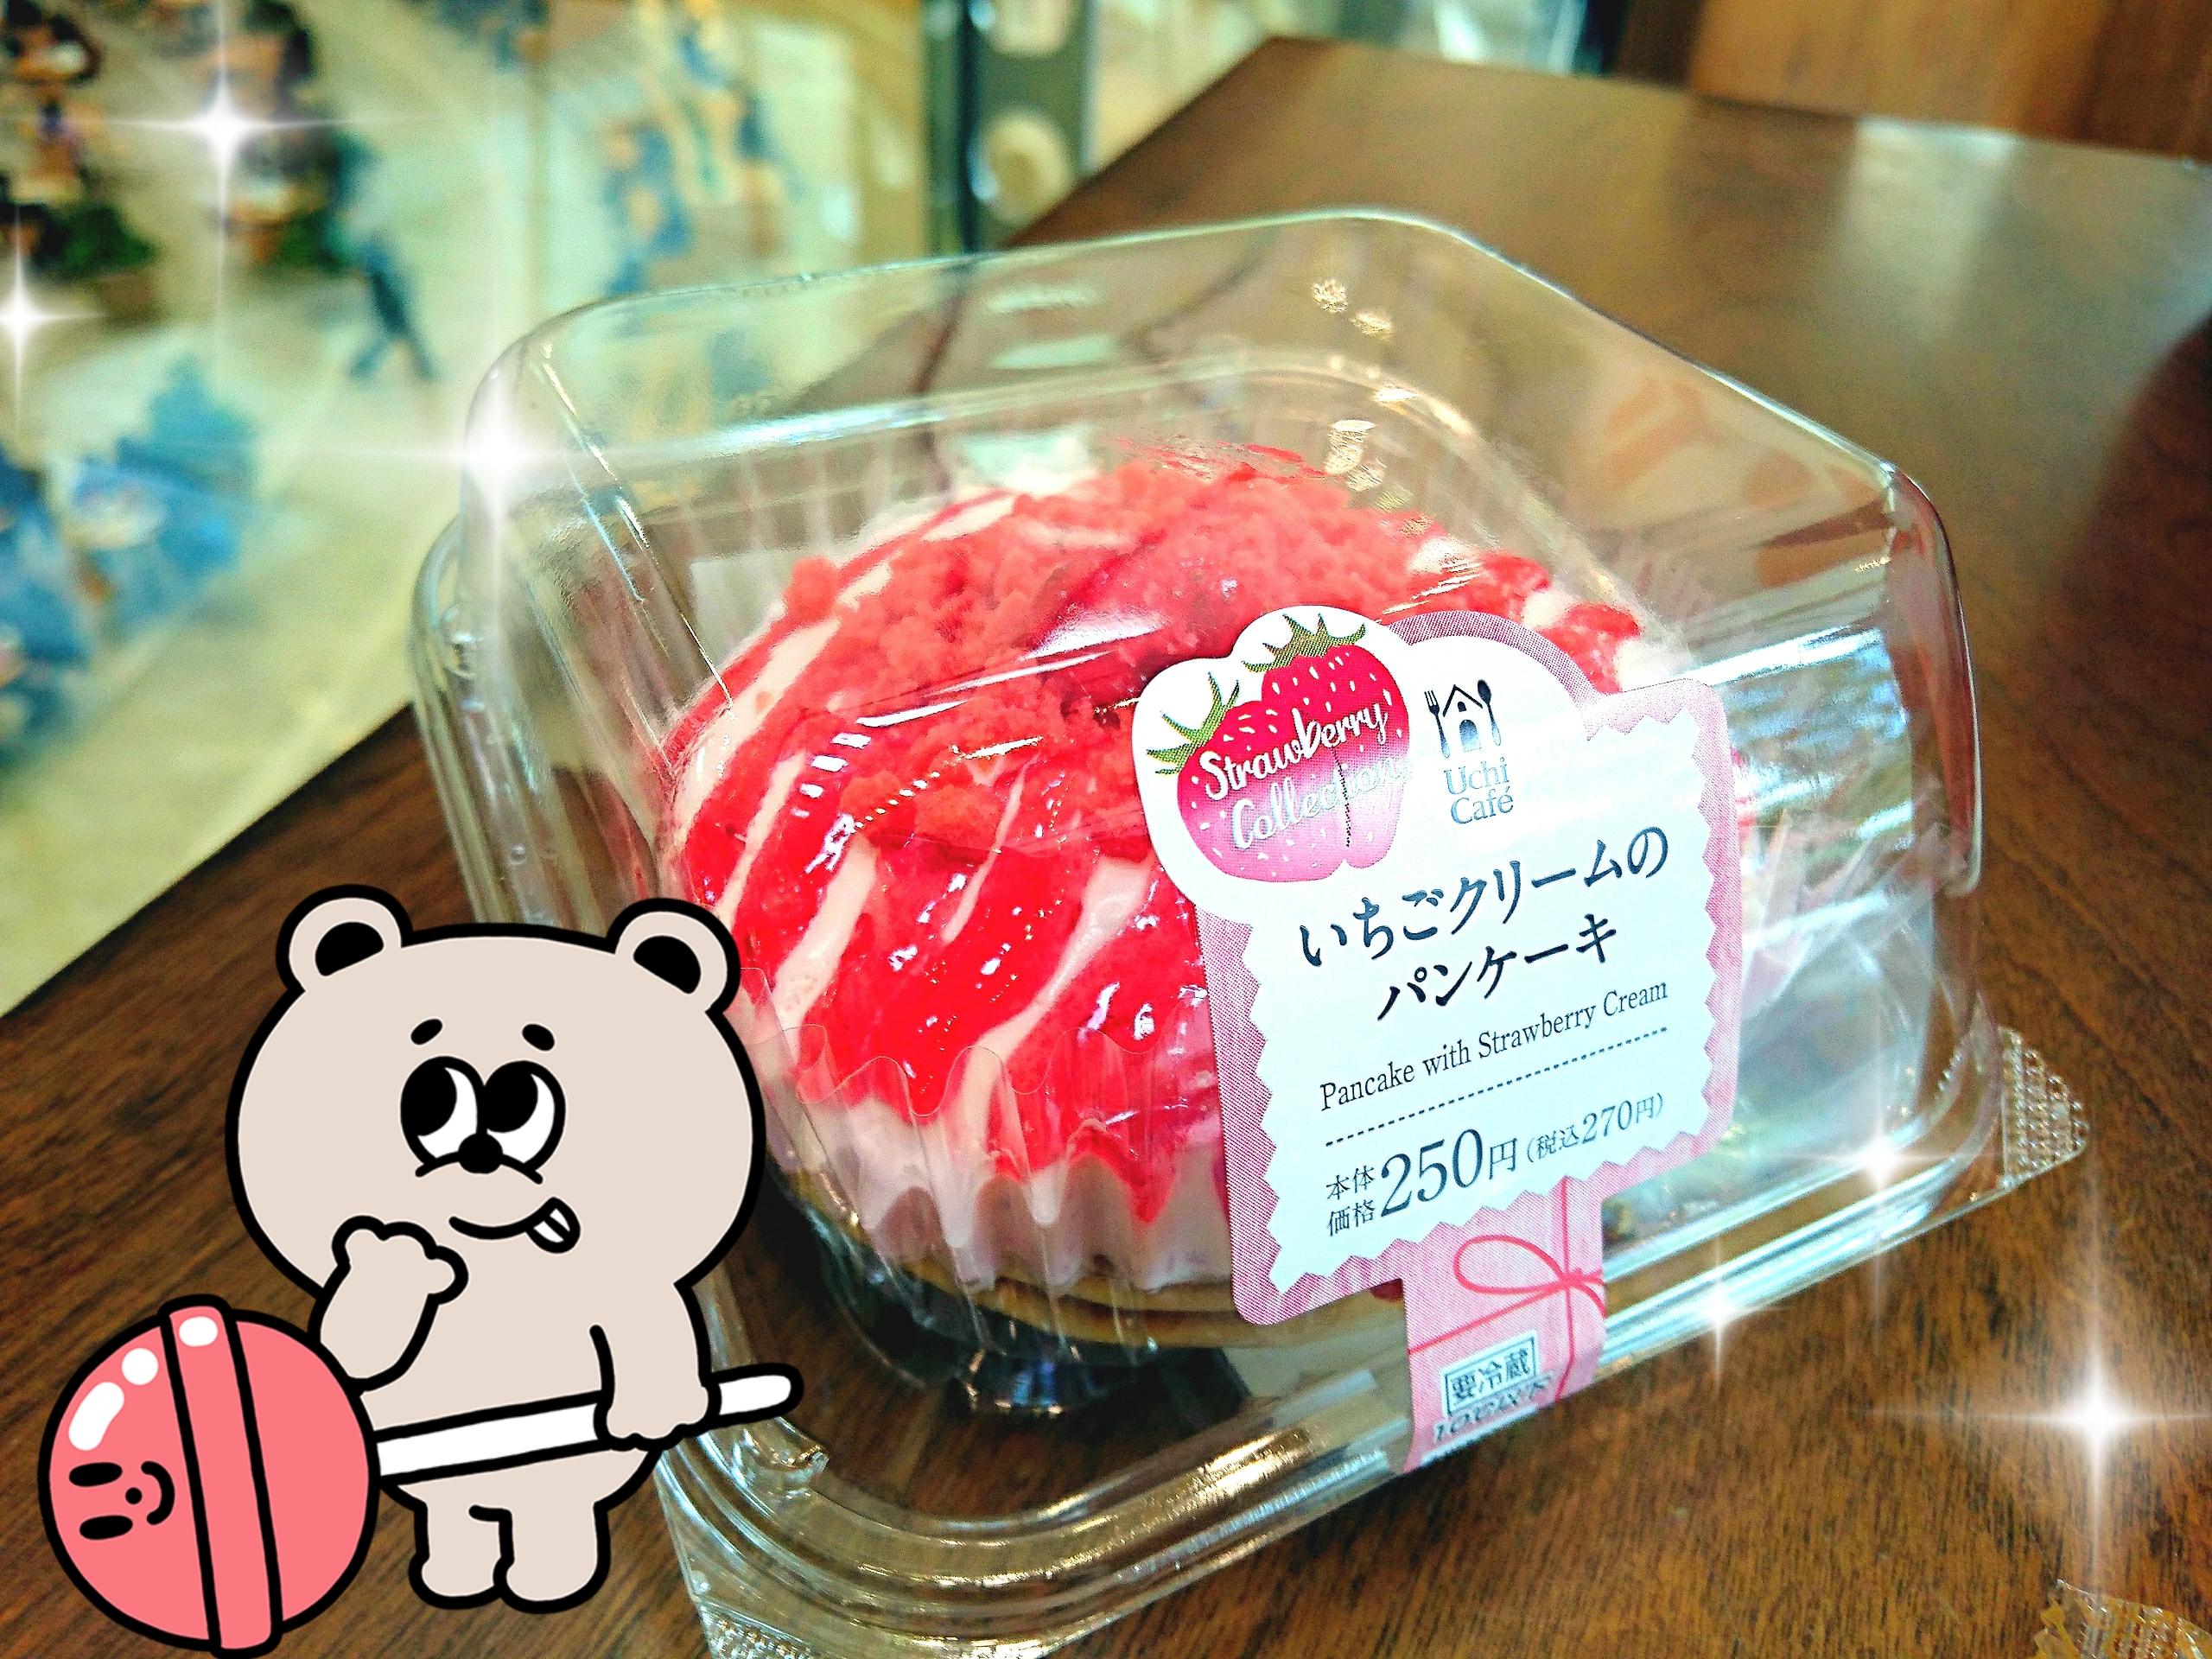 【250円!】ローソンのいちごパンケーキが美味♡